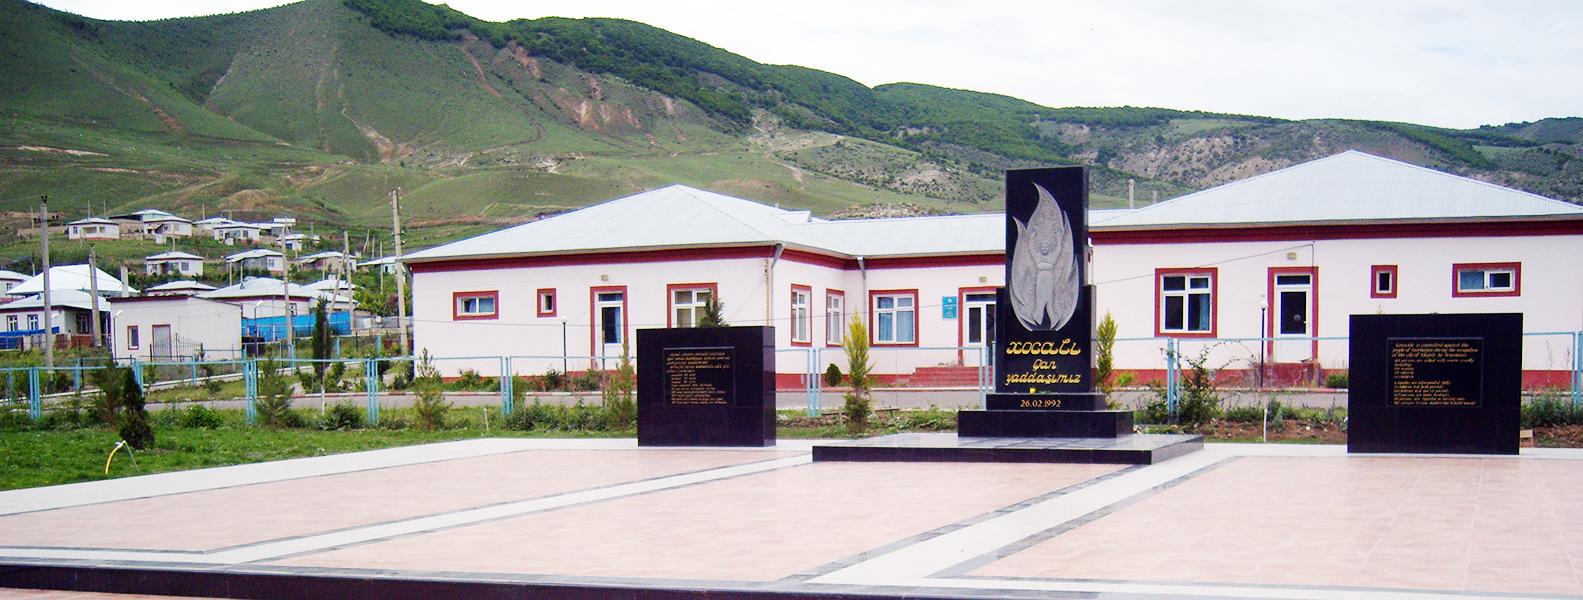 Aşağı Ağcakənd  ərazisində,  Xocalı və Lidice küçələrində abadlıq işləri